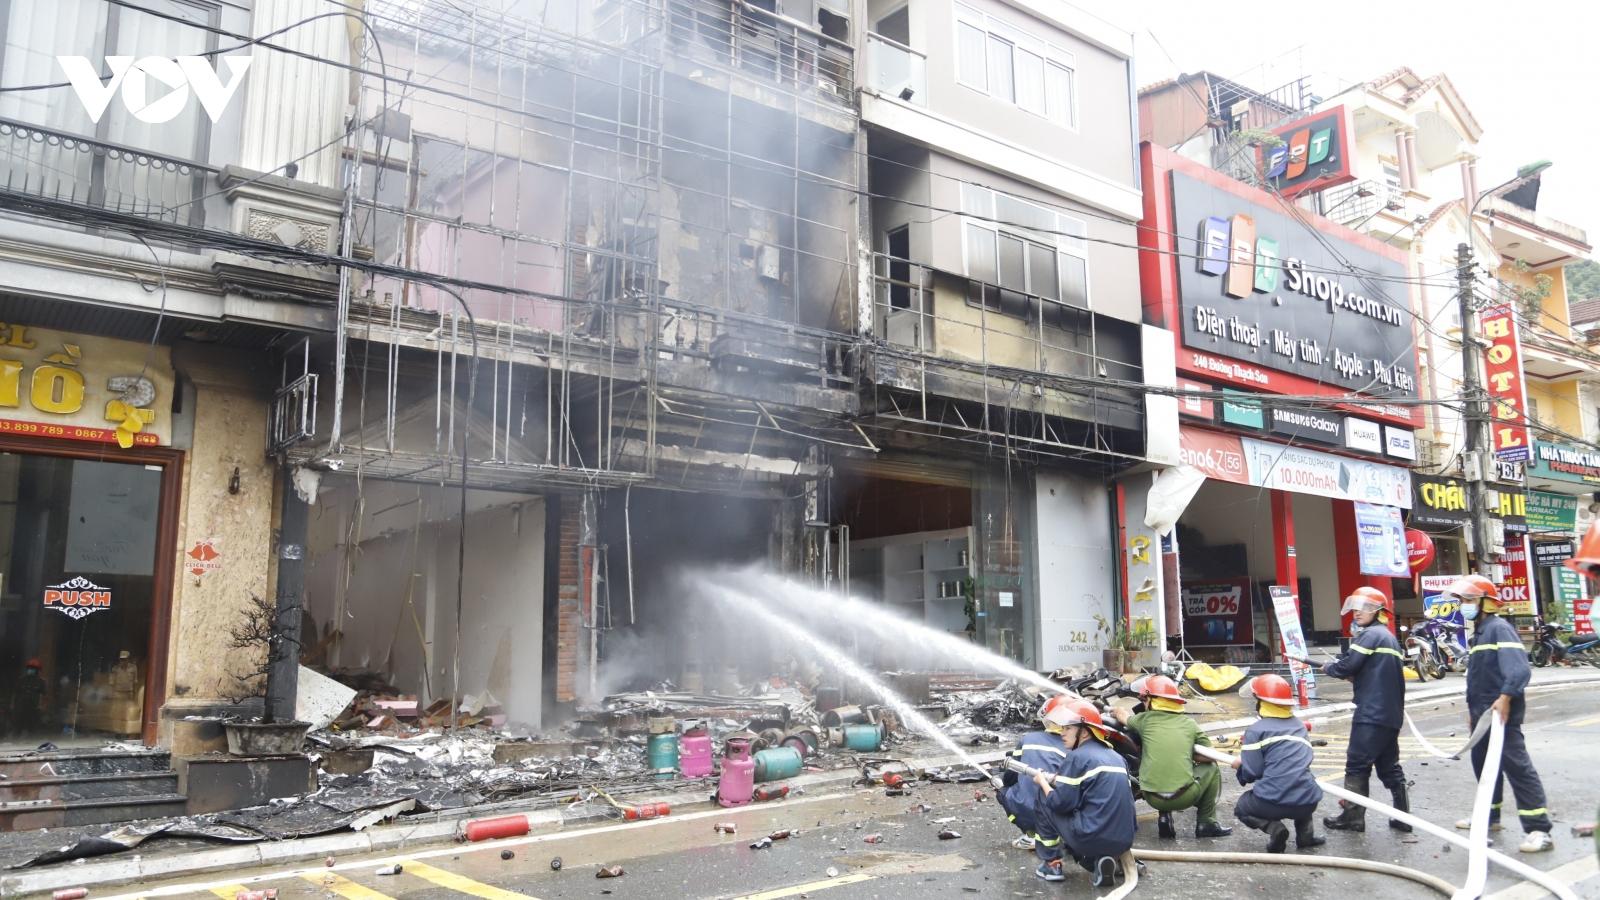 Hàng loạt bình gas phát nổ sau khi lửa bùng lên tại một cửa hàng gas ở Sa Pa